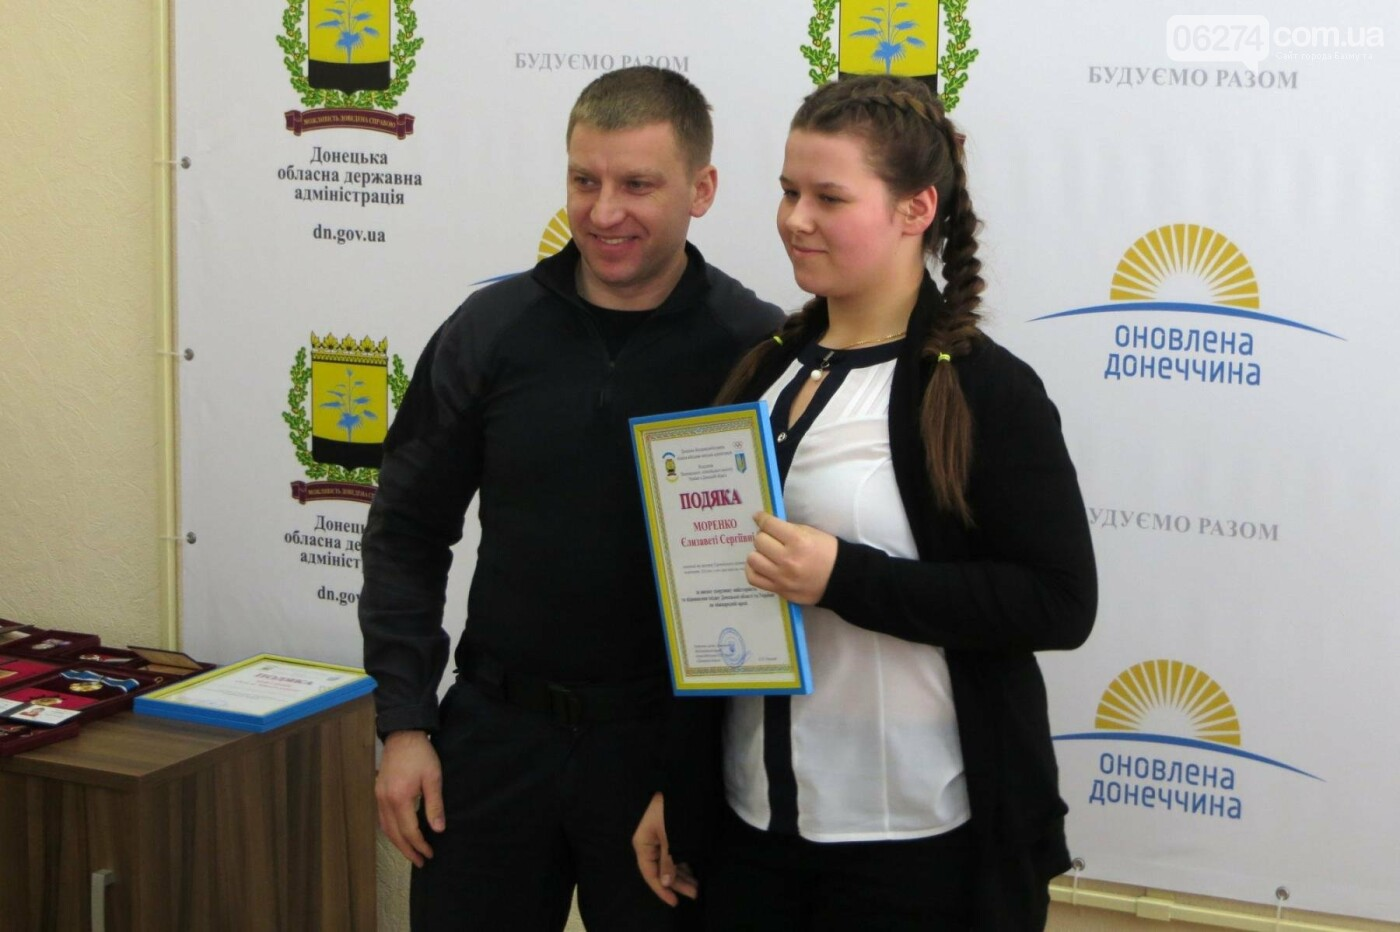 В Краматорске отметили лучших спортсменов и тренеров Донецкой области, фото-2